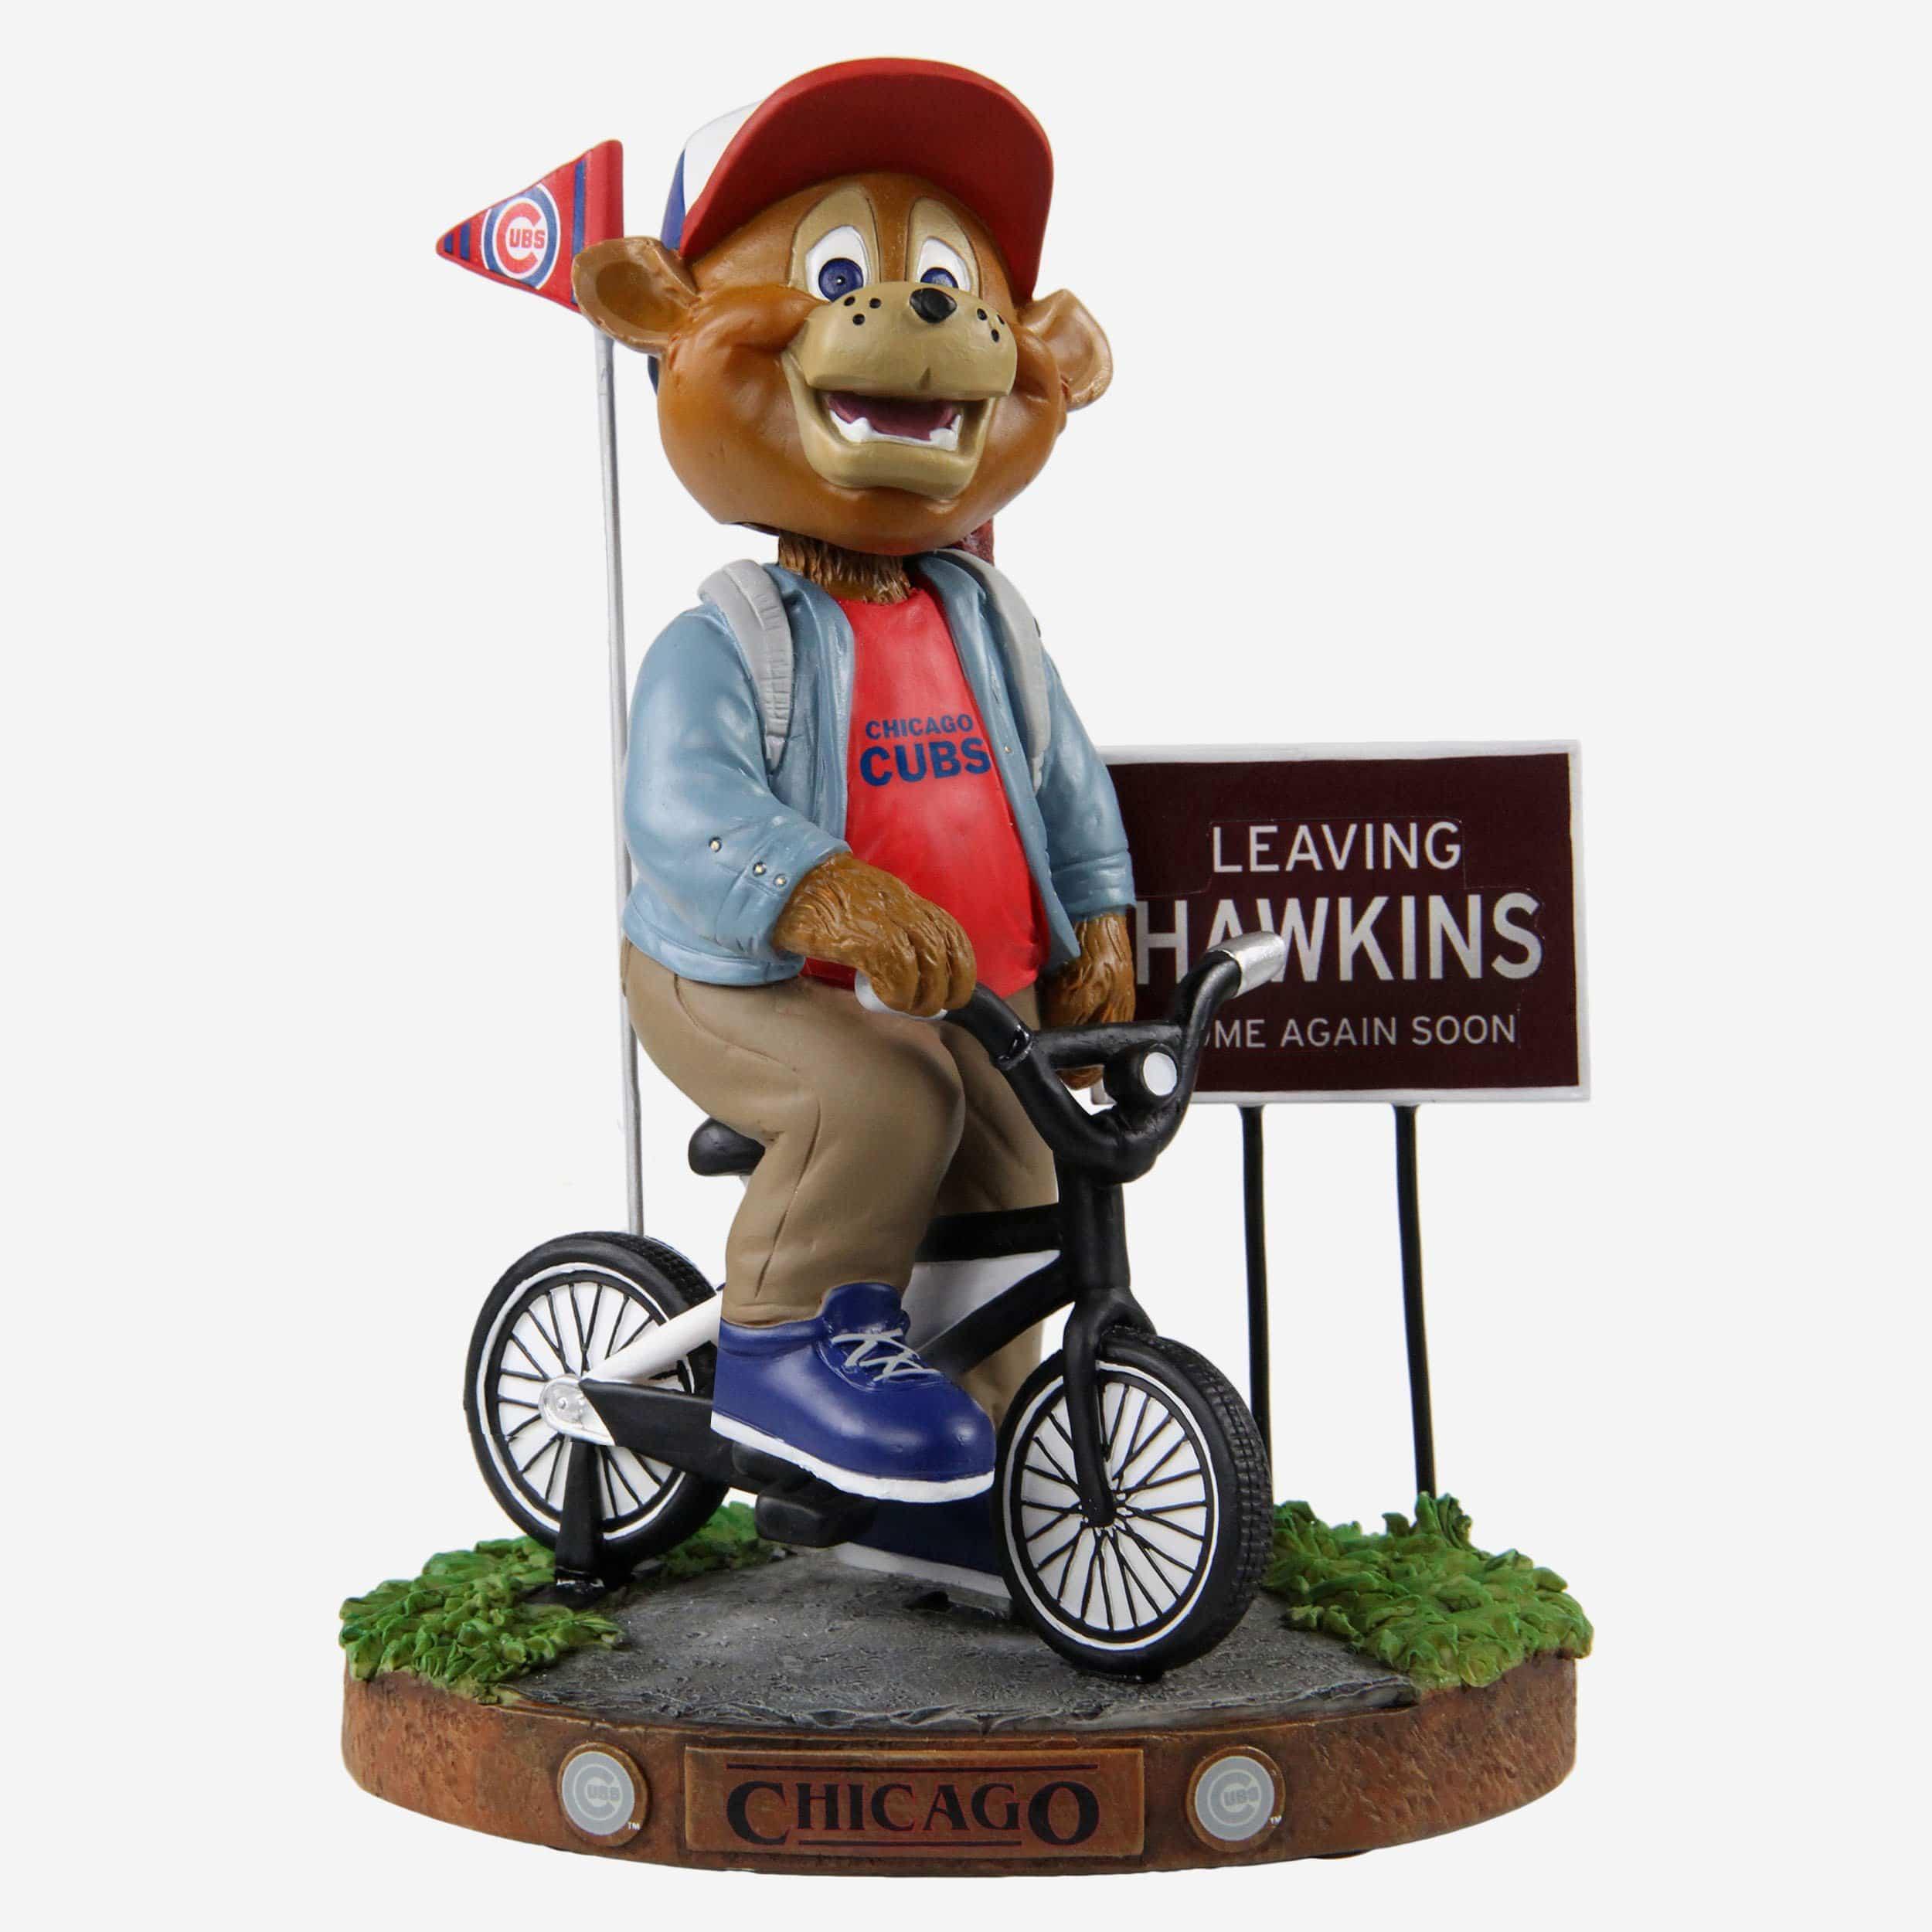 FOCO Clark Chicago Cubs Stranger Things Mascot On Bike Bobblehead